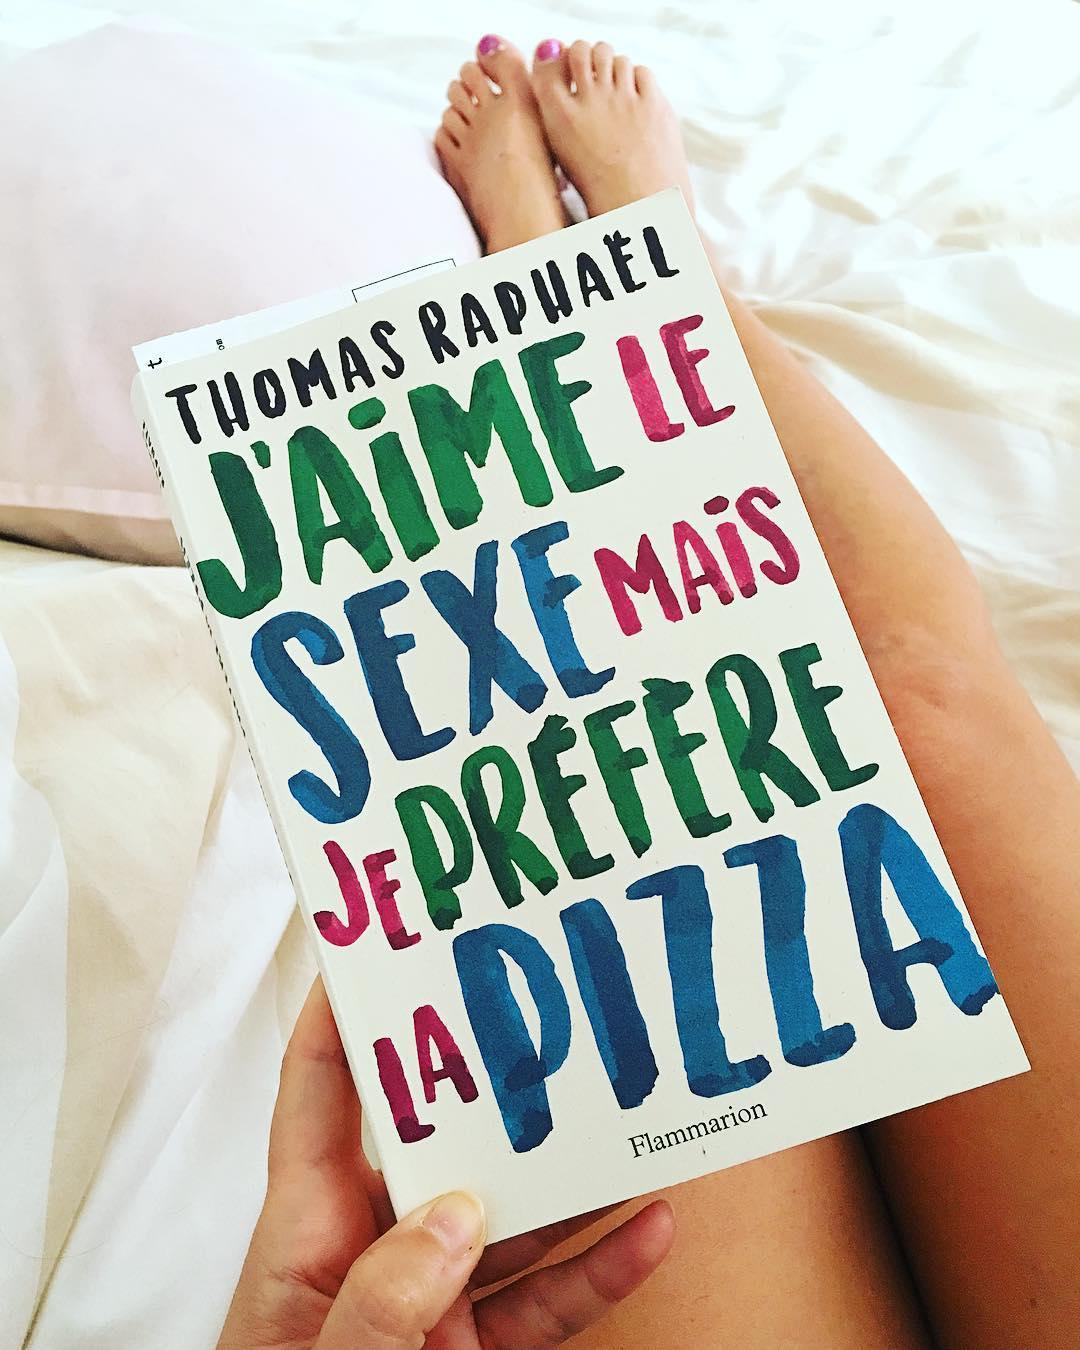 J'AIME LE SEXE MAIS JE PRÉFÈRE LES PIZZAS ?Tout est Dit ! ? Le livre du dimanche à dévorer ... tellement attachant, drôle et émouvant. Merci Thomas et Berengere pour cette gourmandise ❤️ . _______________ #jaimelesexemaisjepreferelapizza #thomasraphael #berengerekrief #bouquin #roman #lecture #flammarion #montpellier #pintademontpellier